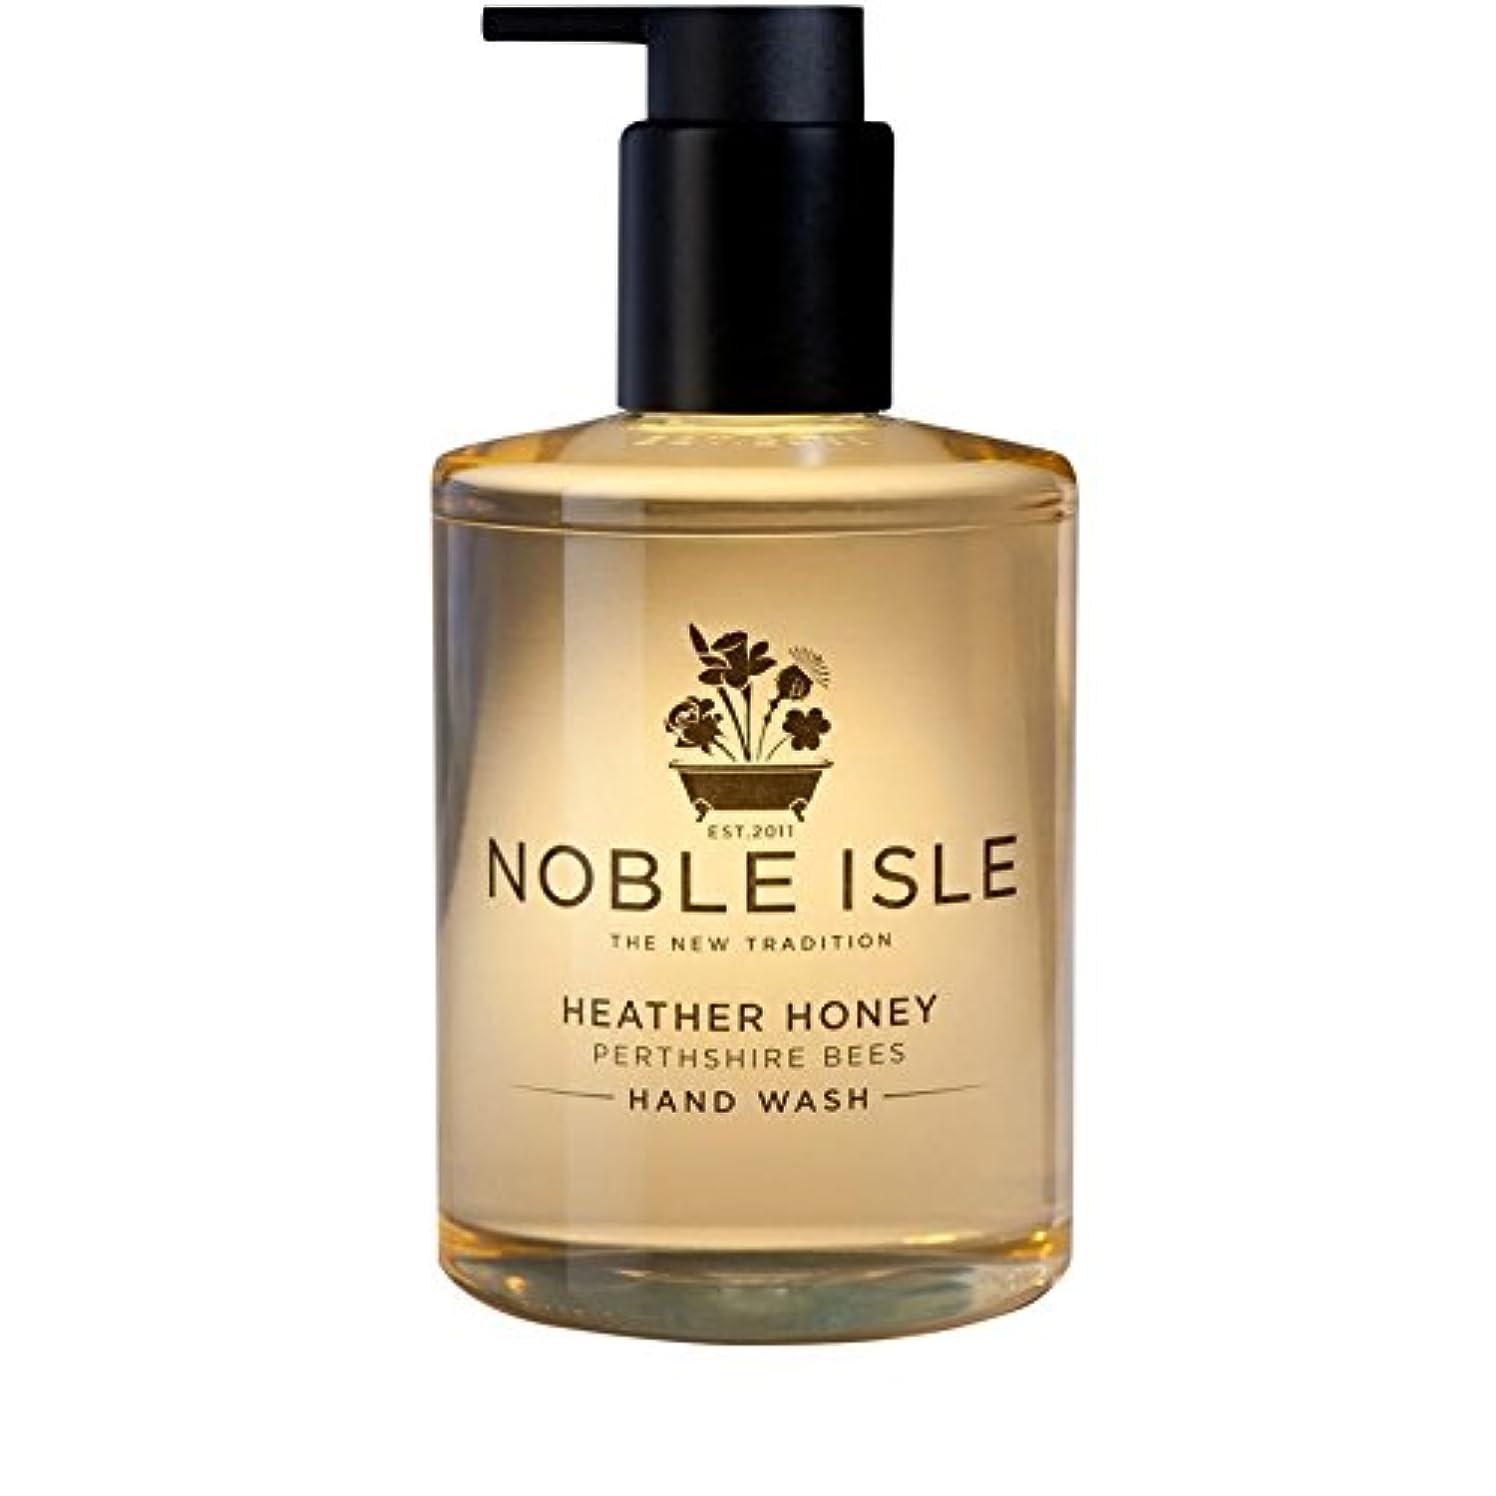 かもしれない呪い禁輸Noble Isle Heather Honey Perthshire Bees Hand Wash 250ml - 高貴な島杢蜂蜜パースシャー蜂のハンドウォッシュ250ミリリットル [並行輸入品]